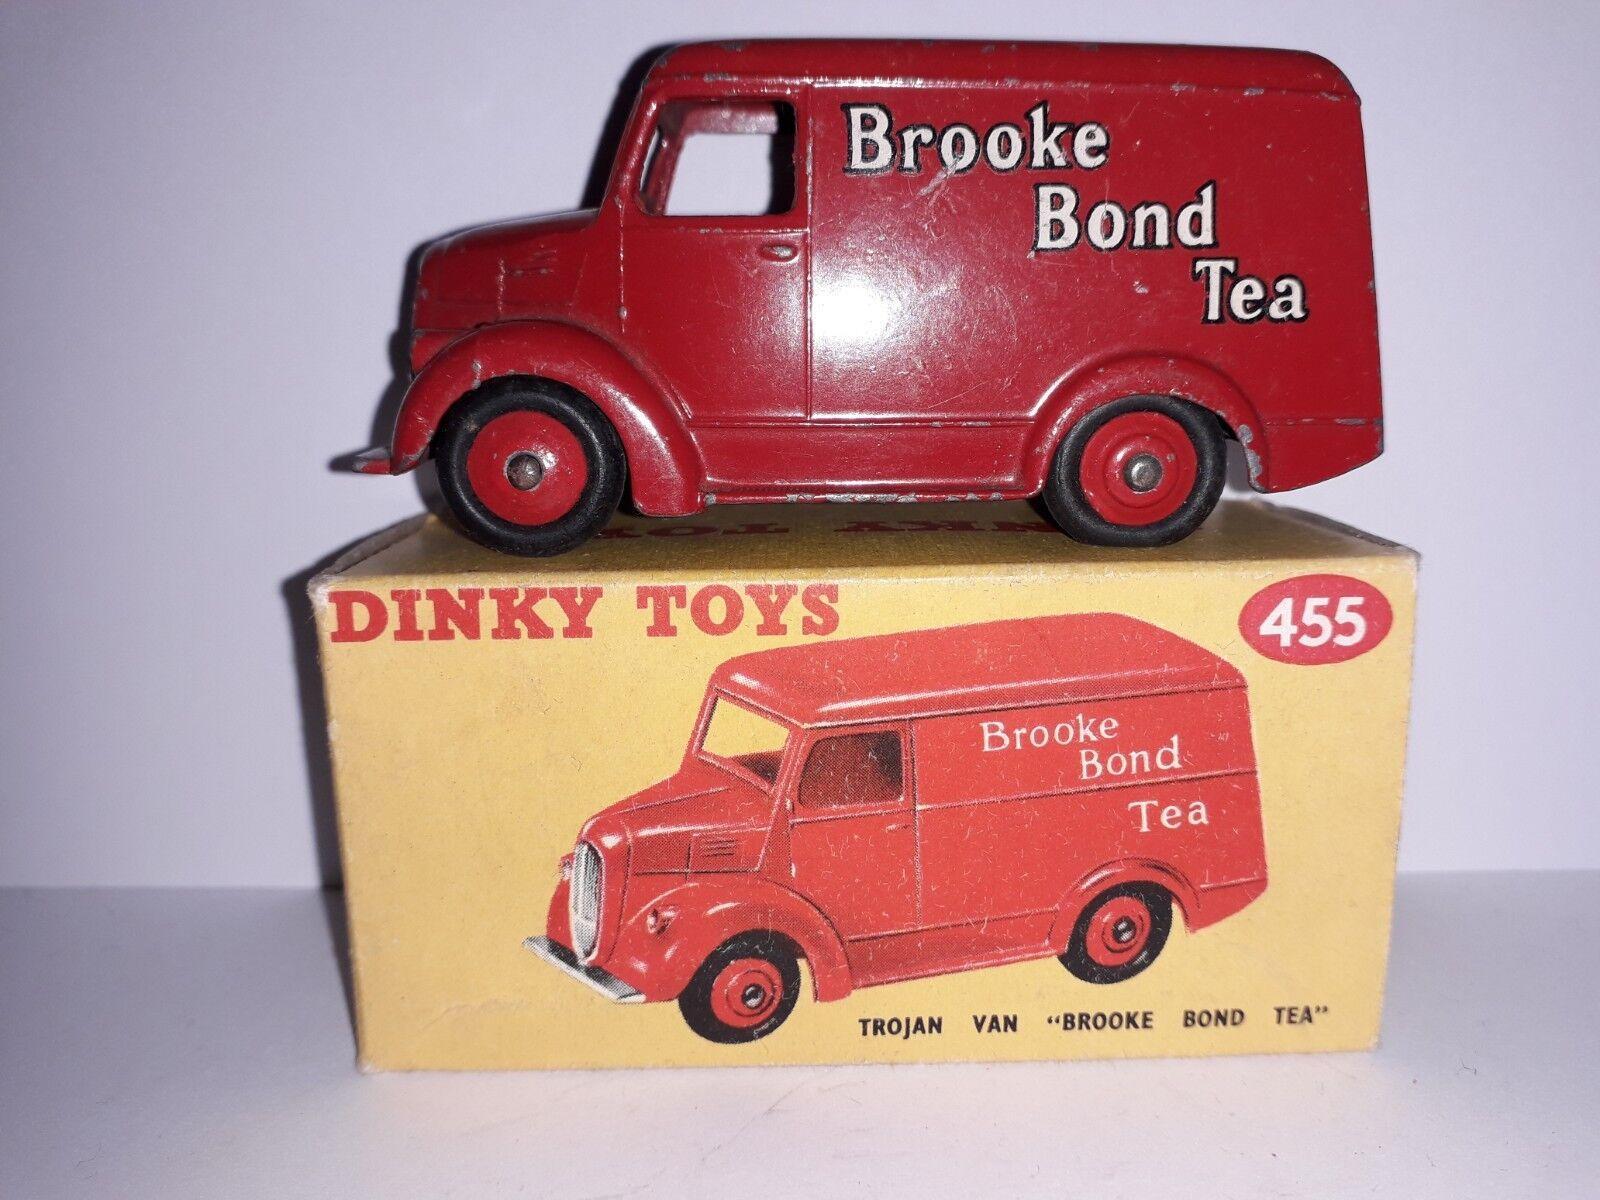 contador genuino En Caja Caja Caja Dinky Juguetes 455 Van Brooke Bond Tea rojo de Troya tradicional van  Entrega directa y rápida de fábrica